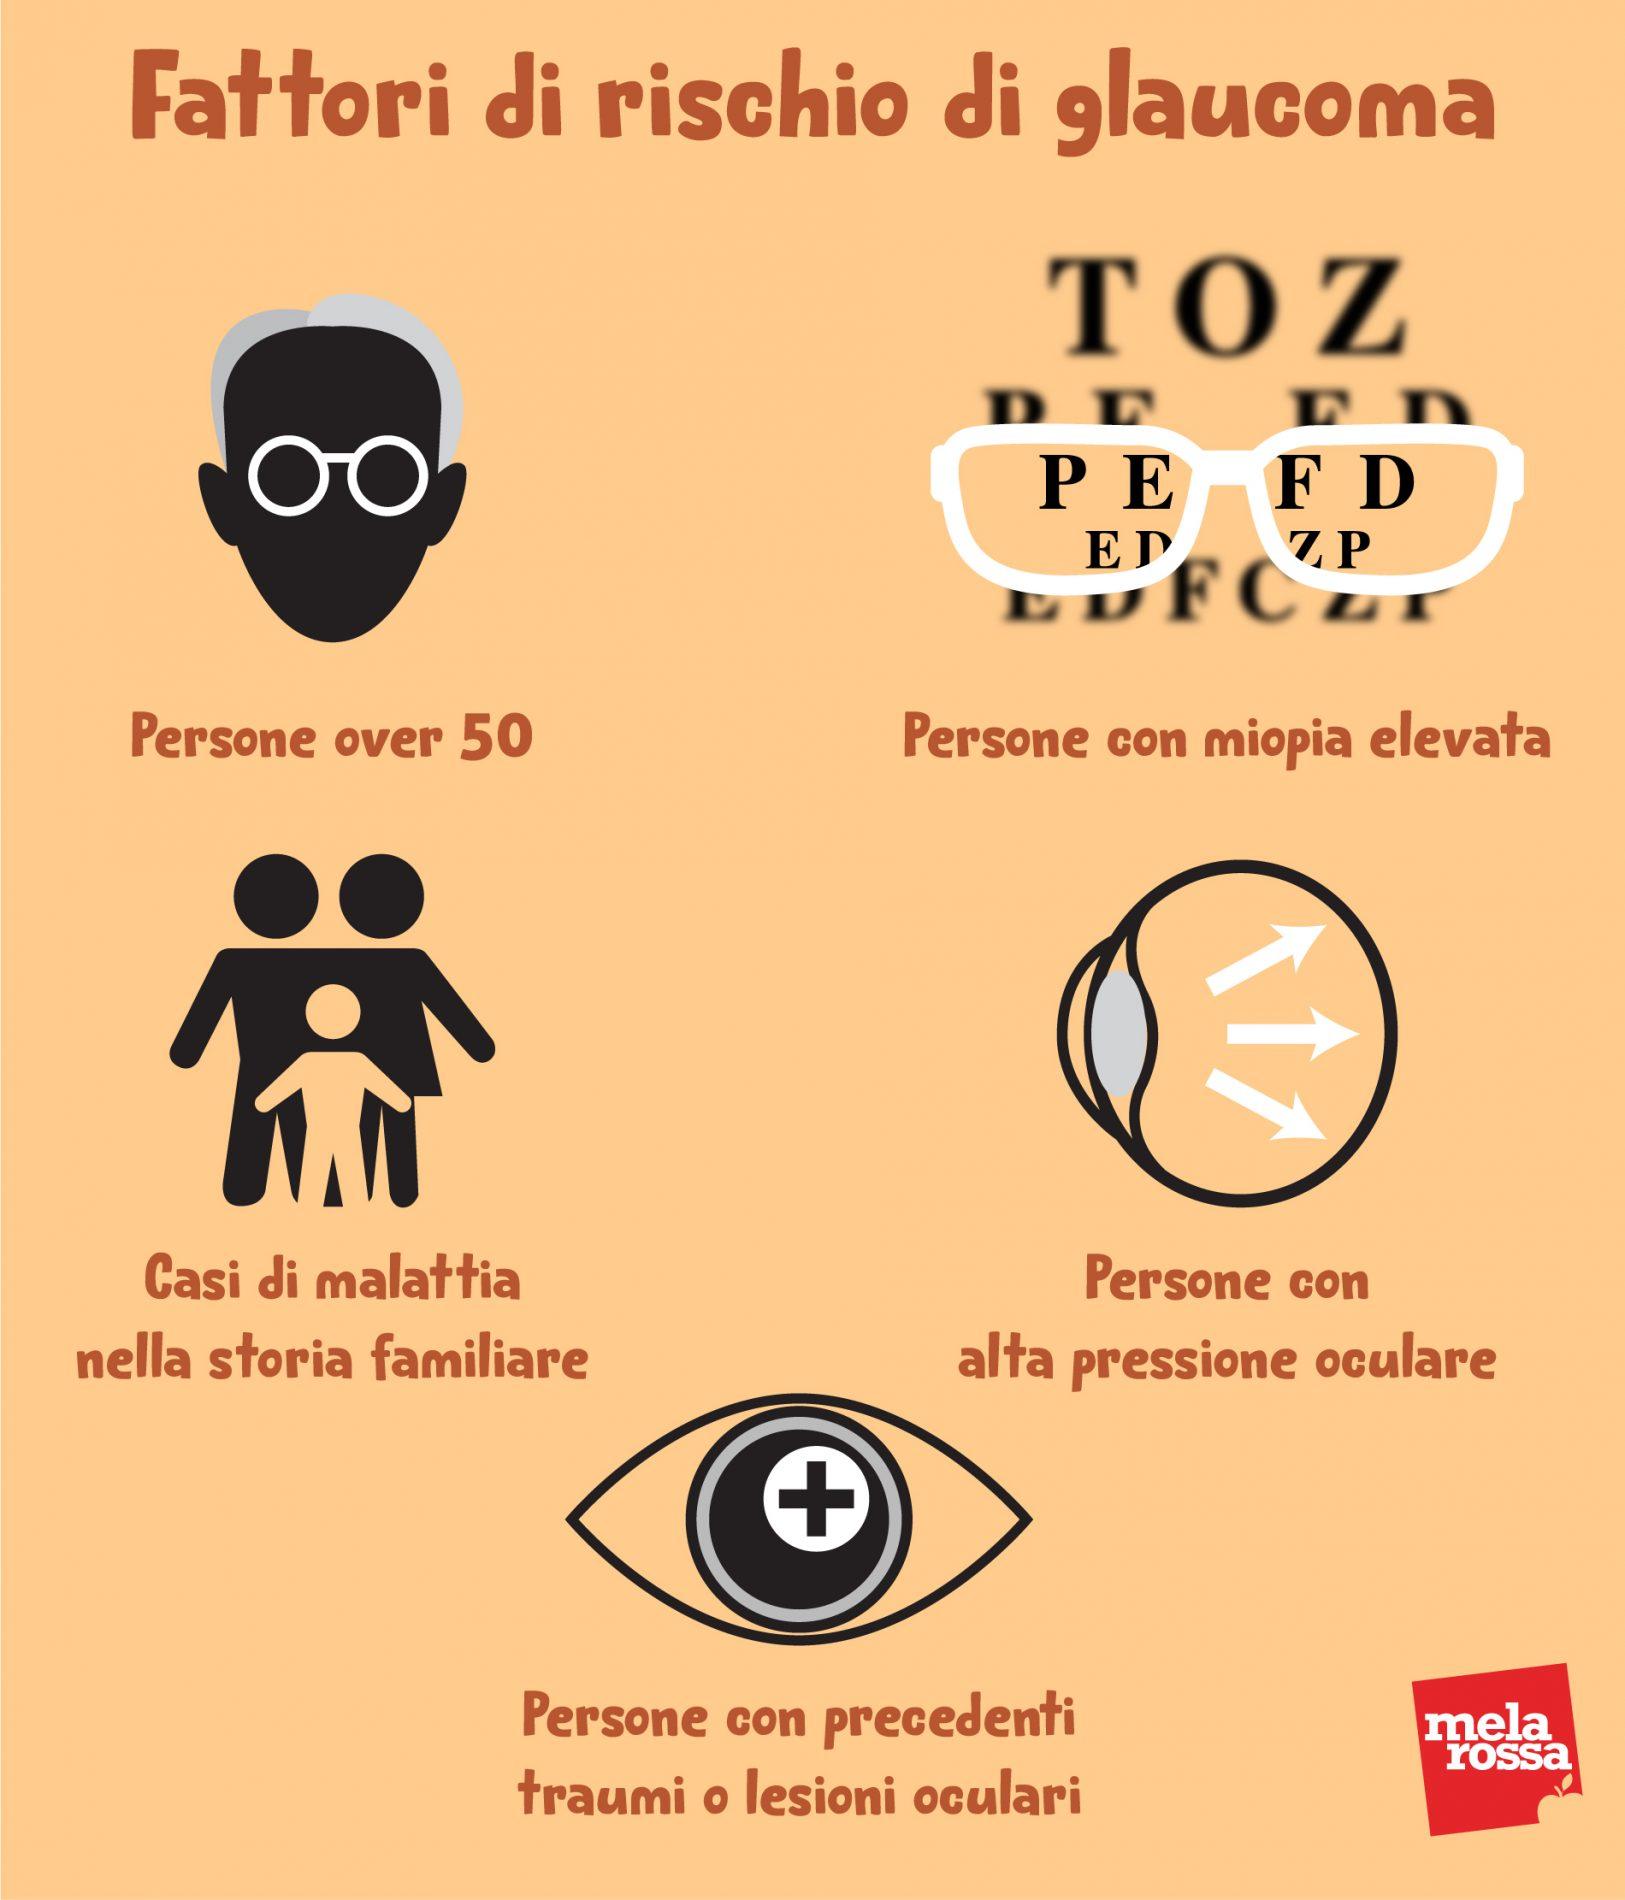 fattori di rischio del glaucoma